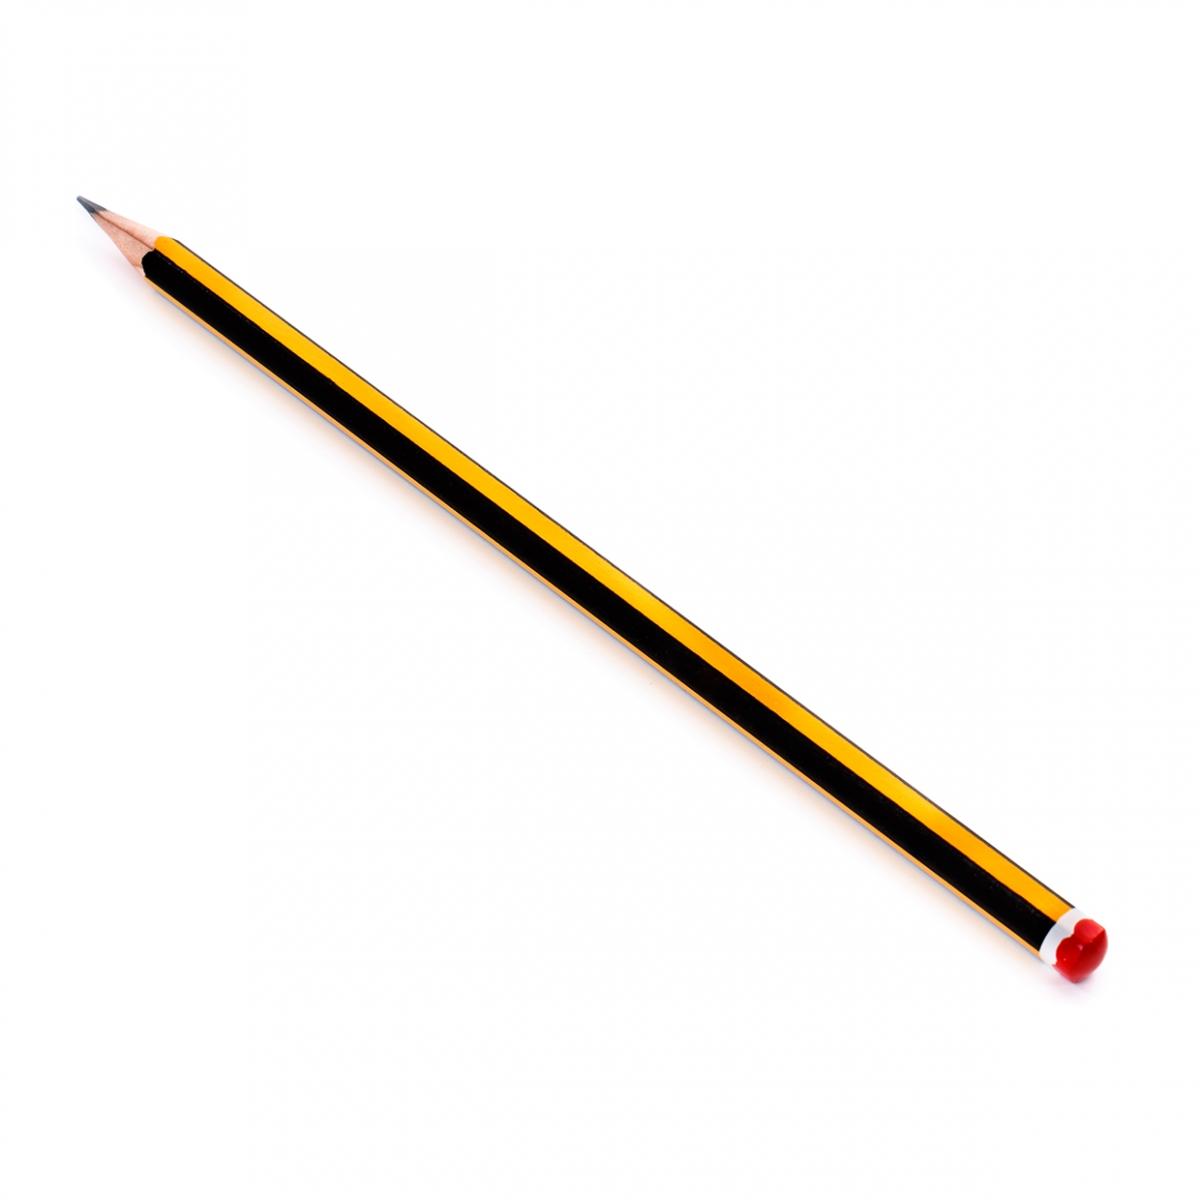 Imagen en la que aparece un lápiz de grafito